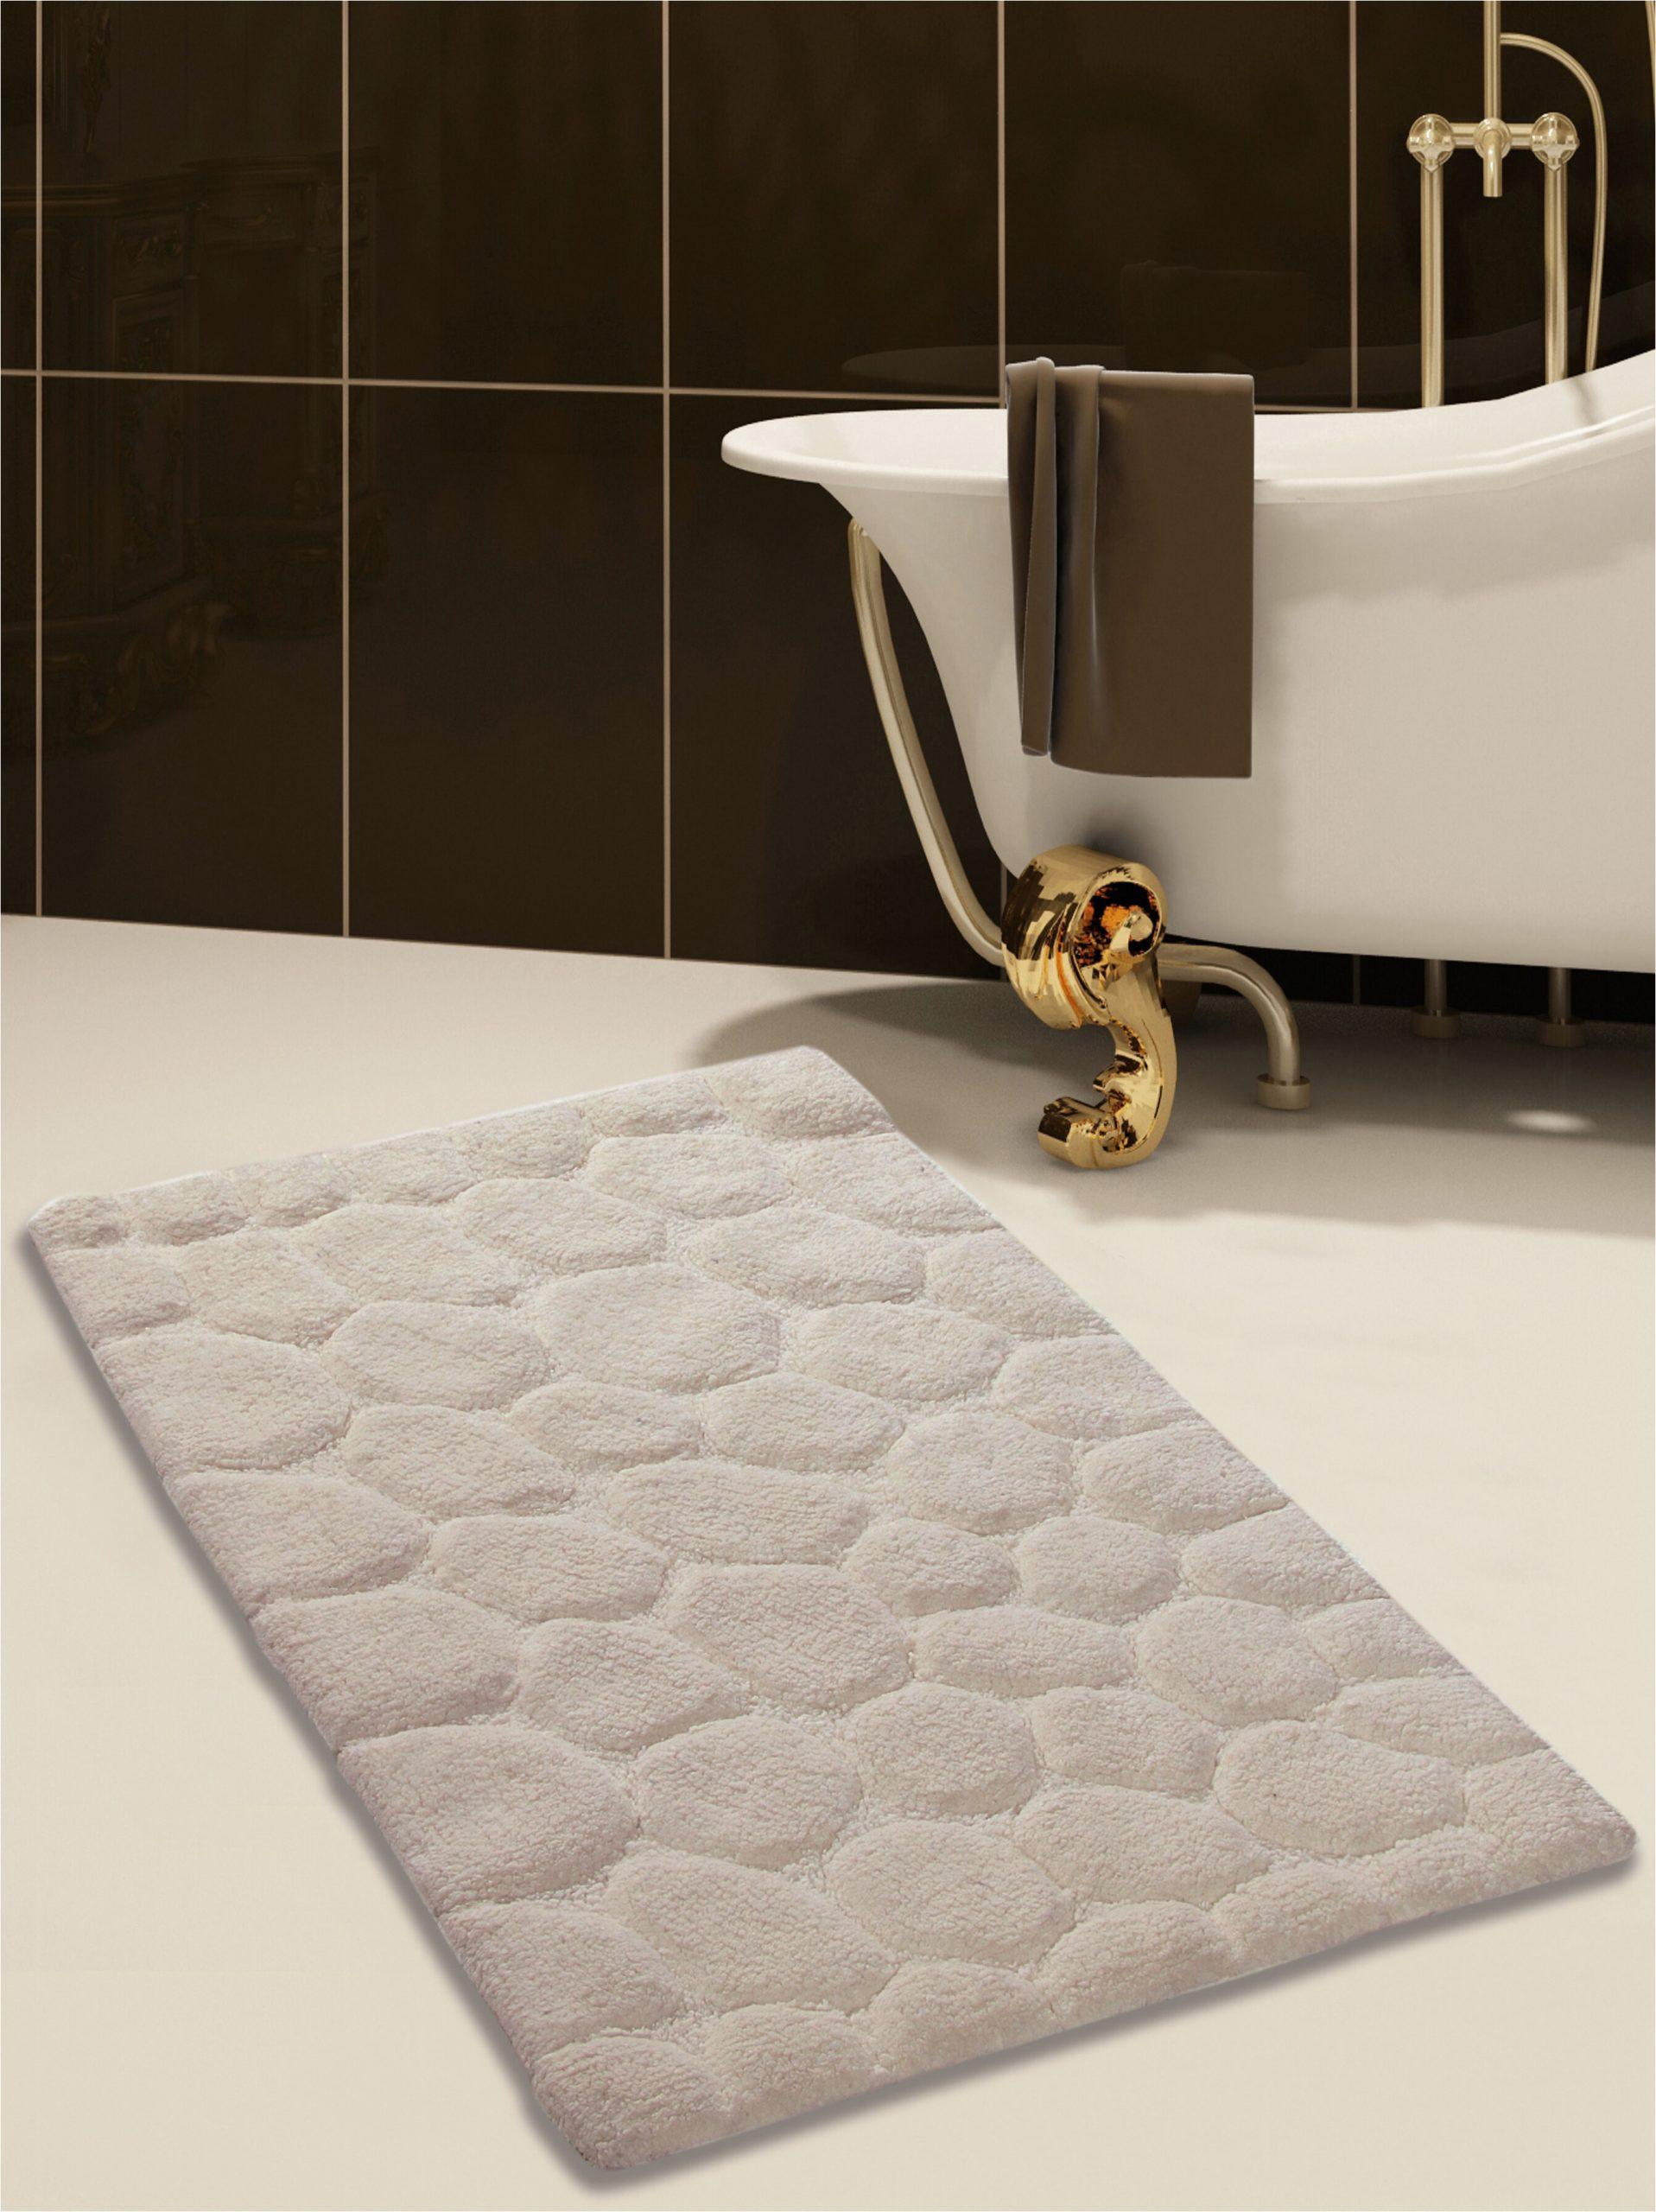 saffron fabs 100 soft rectangle cotton blend piece bath rug set safr1021